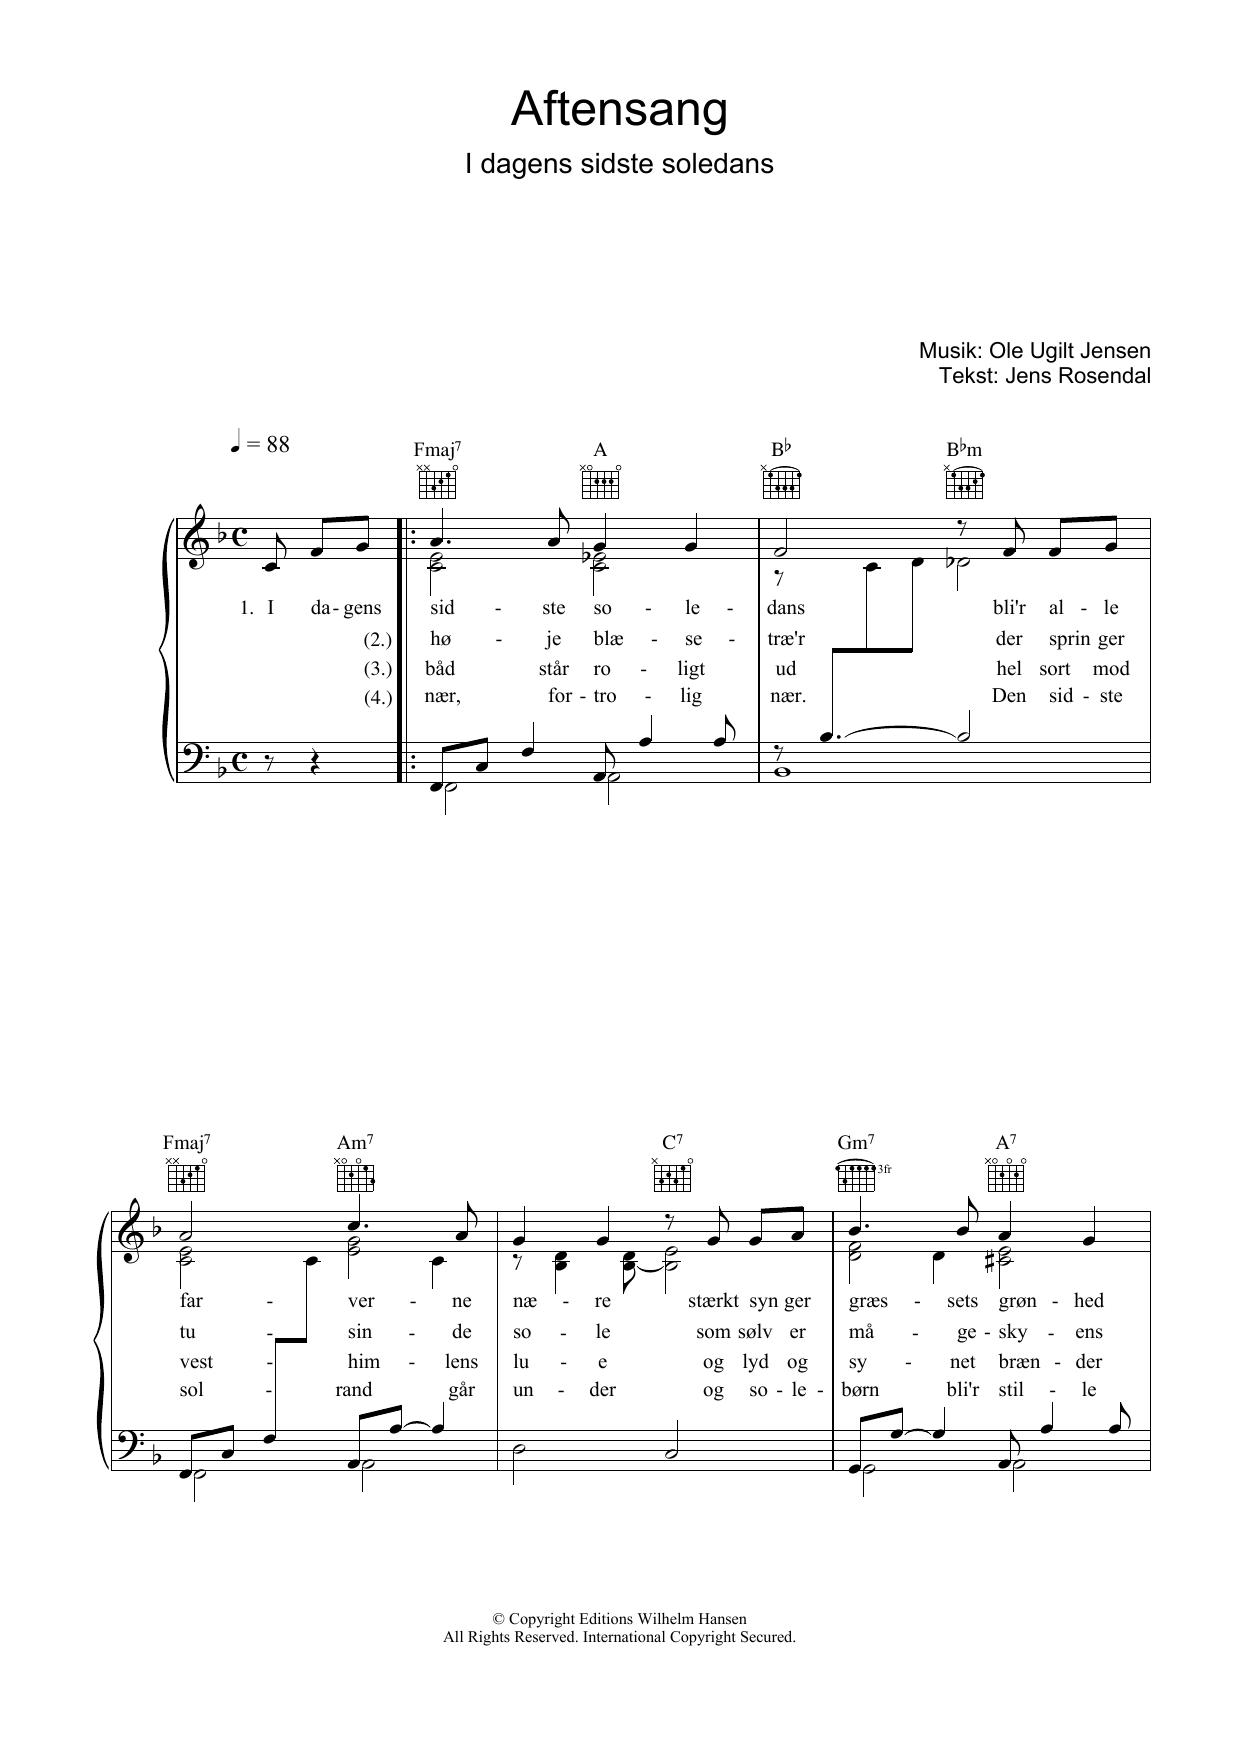 Aftensang I Dagens Sidste Soledans sheet music